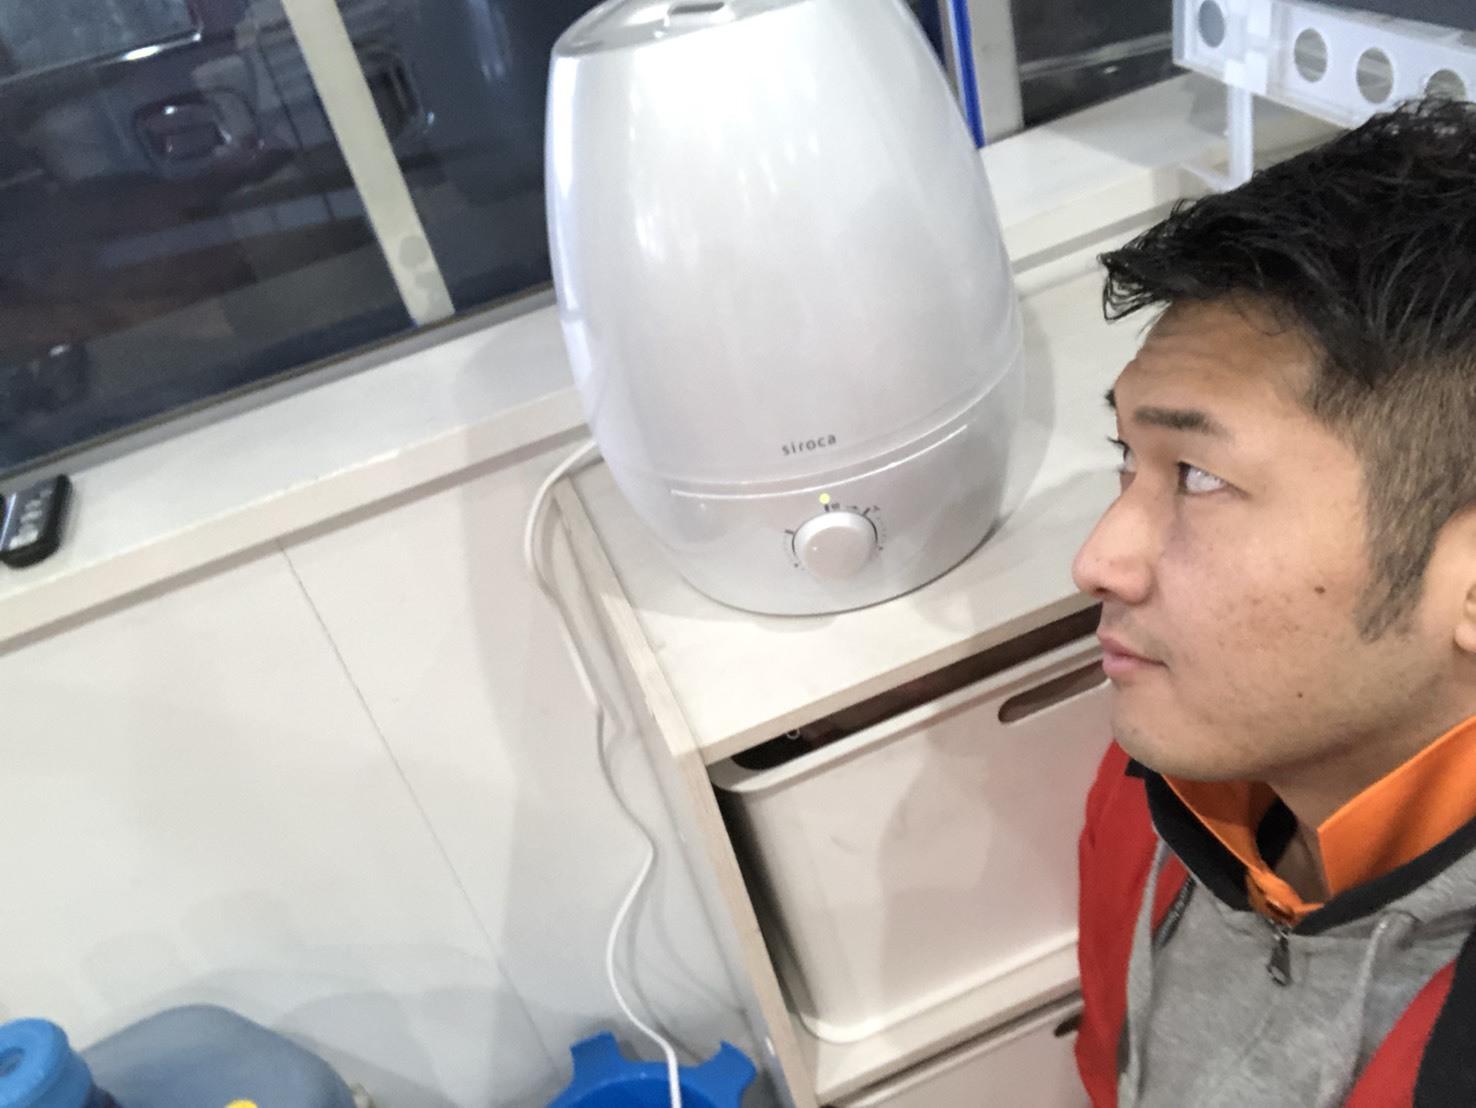 12月22日(日)TOMMYBASEブログ☆S様エブリィワゴン納車✨✨レクサス専門♬スバル車多数🎶限定車♬希少車🎶レガシィ♬フォレスター☆自社ローン_b0127002_14430994.jpg